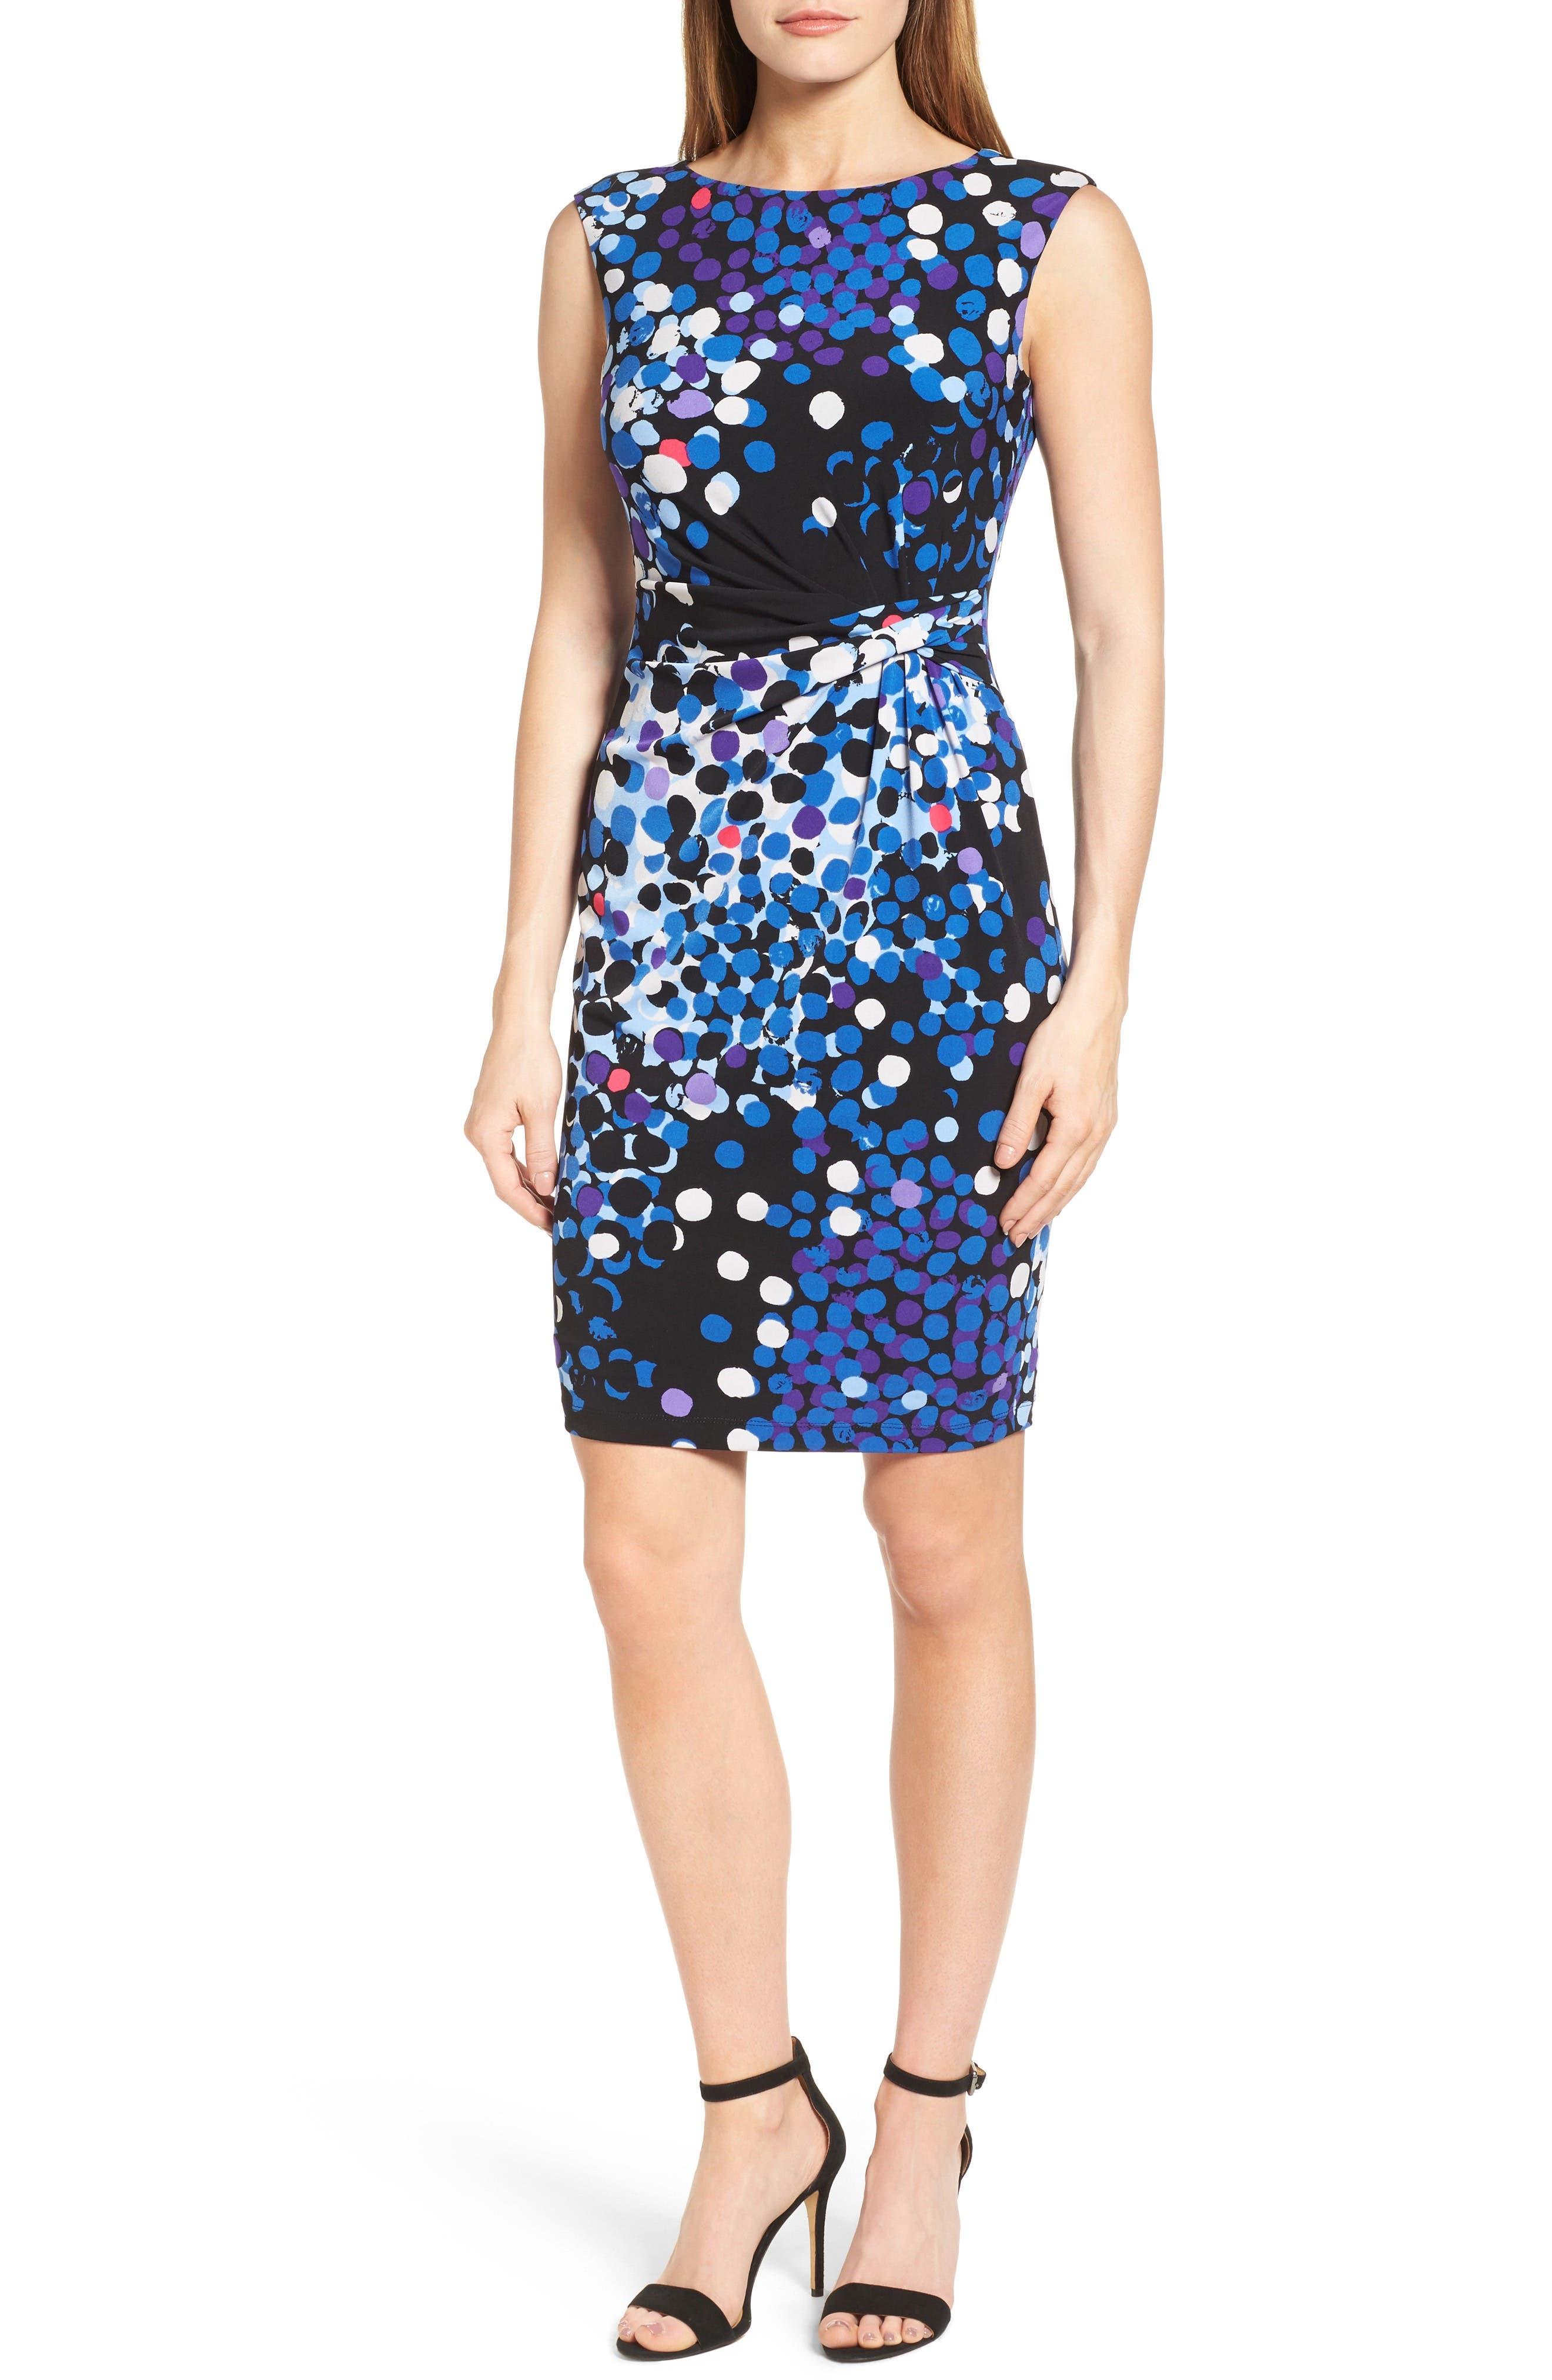 Alternate Image 1 Selected - Anne Klein Side Twist Jersey Sheath Dress